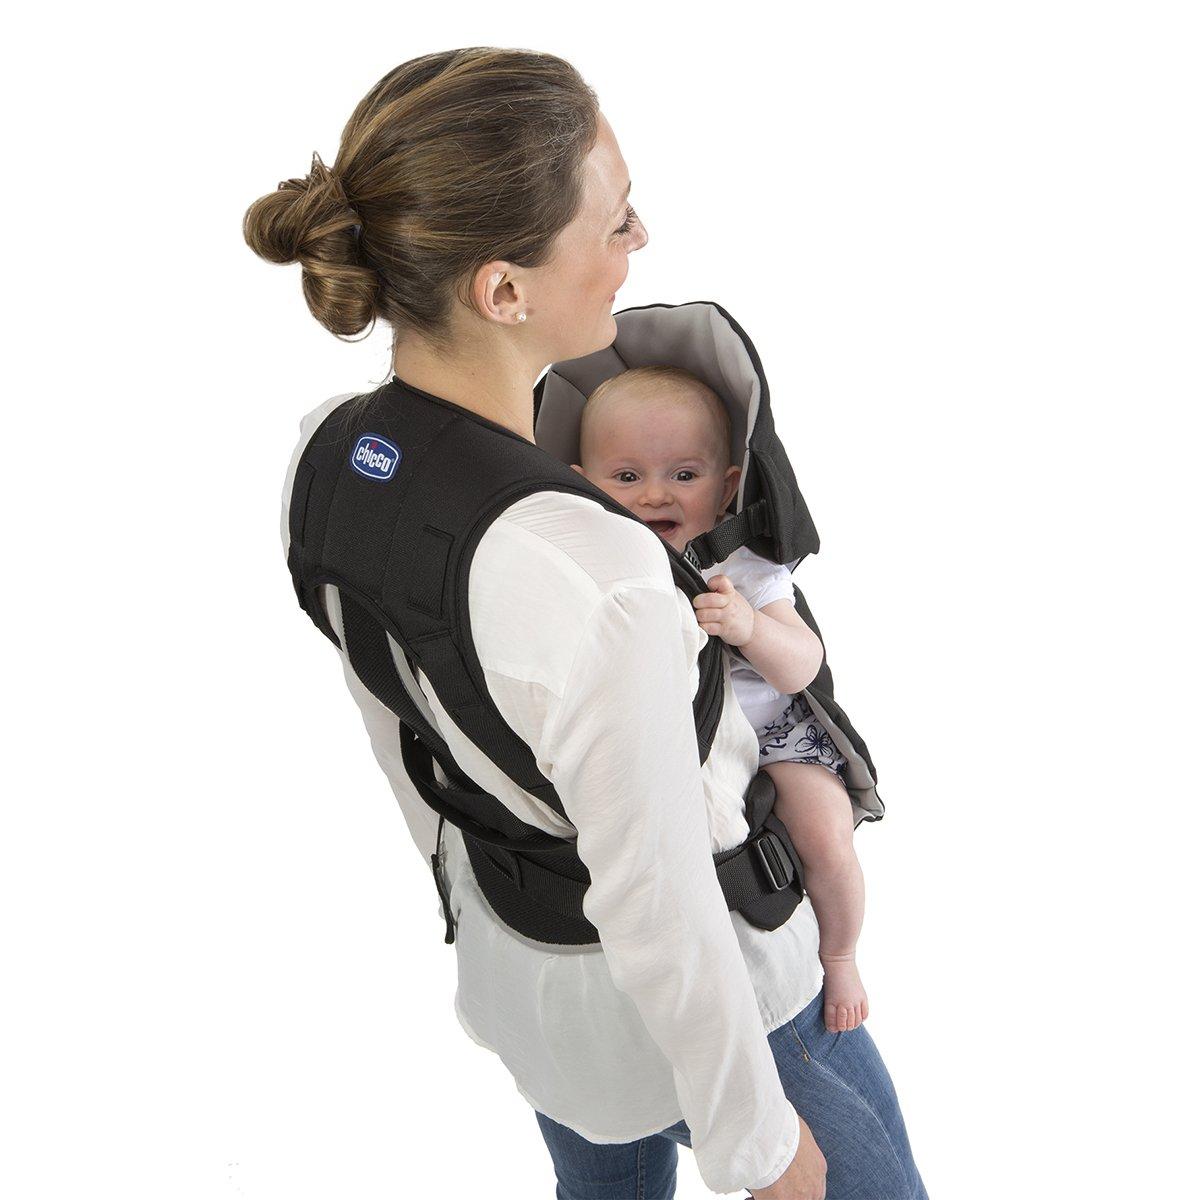 Tragehilfen im Test: Welche Tragehilfen sind laut ÖKO-Test für das Baby am besten?